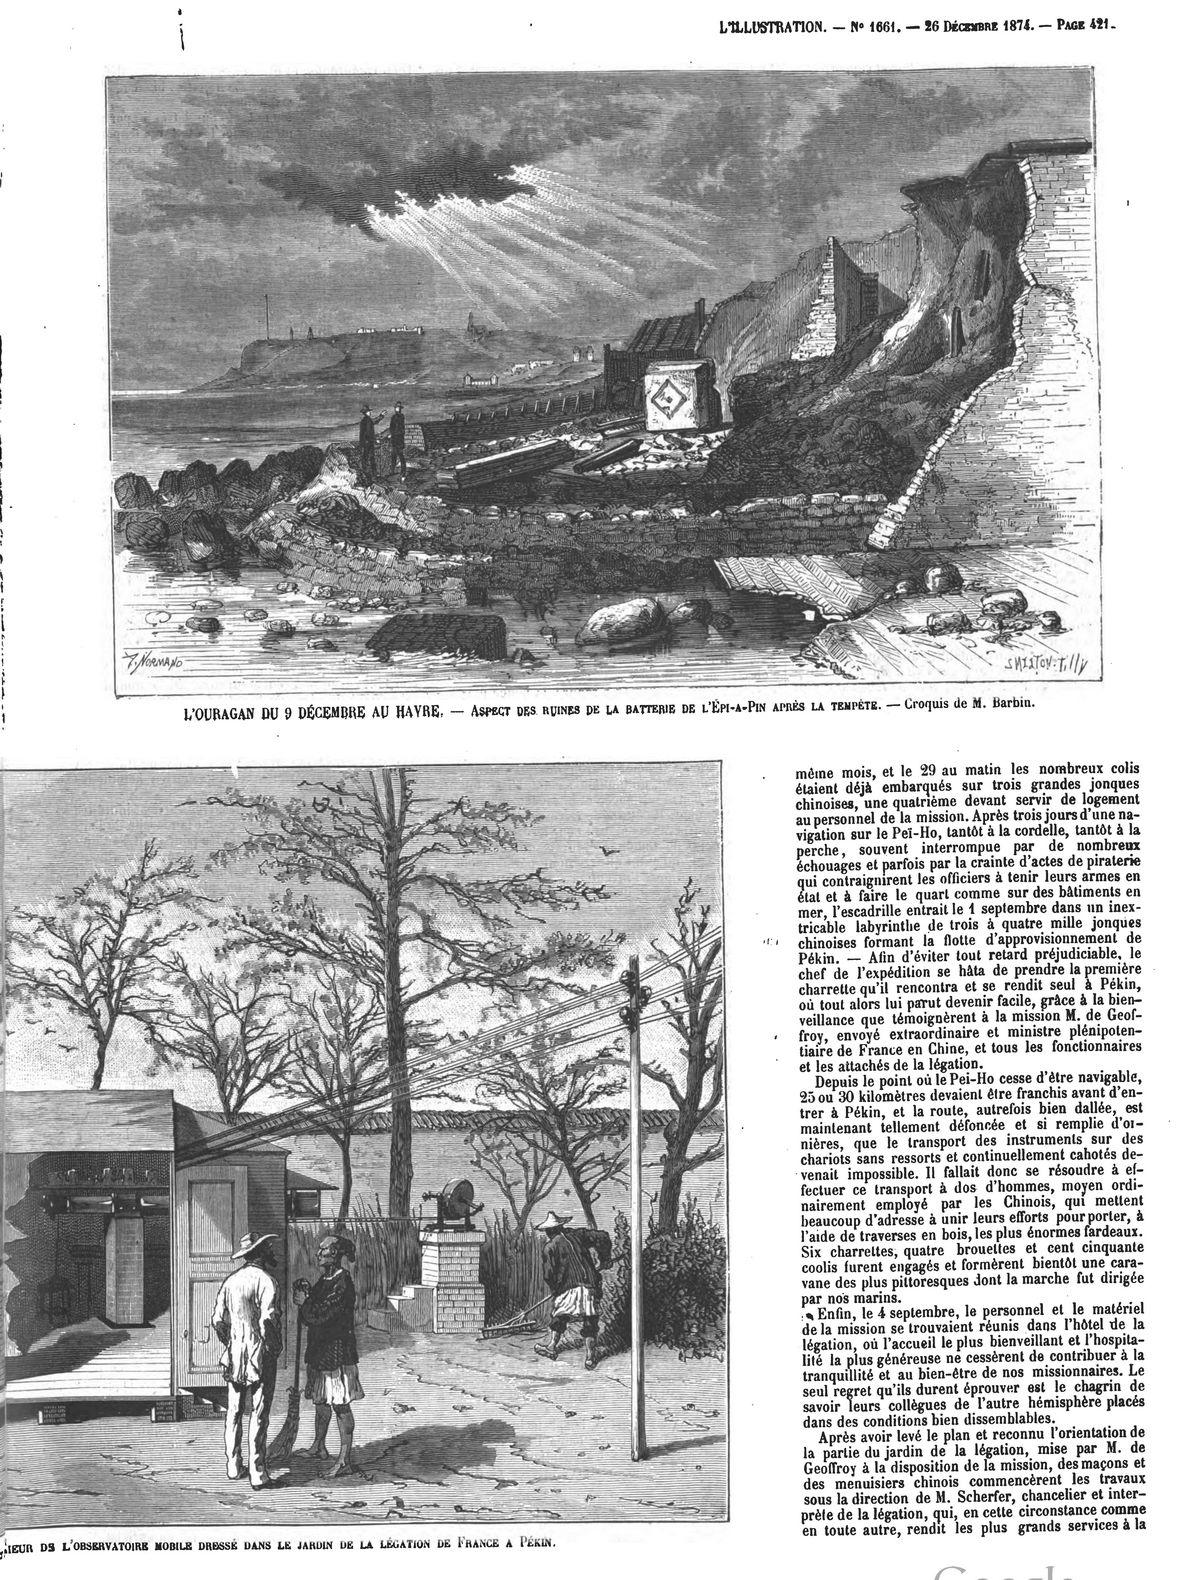 L'ouragan du !l décembre au Havre : aspect des ruines de la batterie de l'Epi-à-Pin, après la tempête. (Gravure 1874)